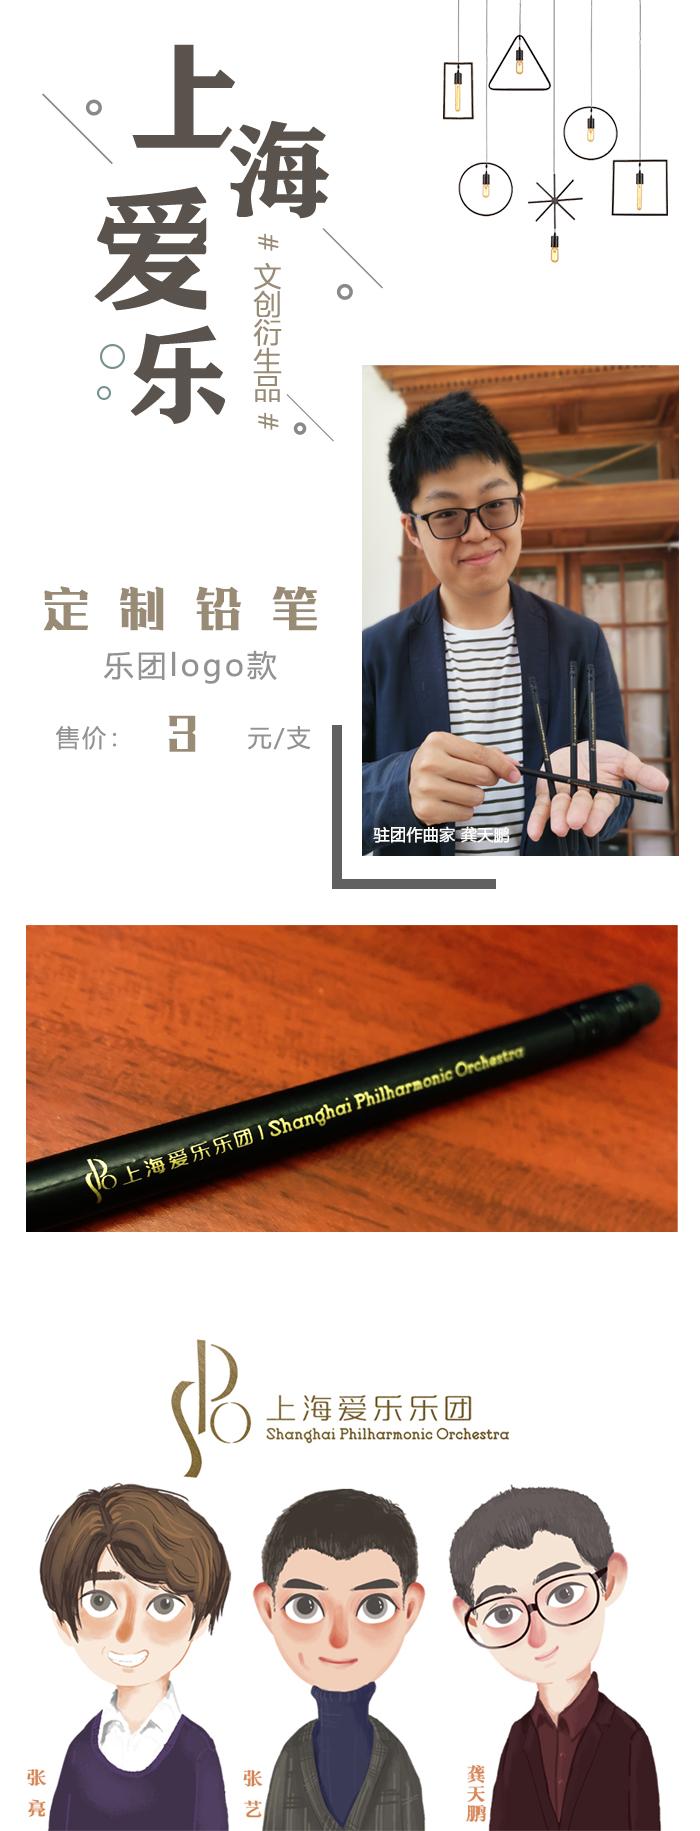 铅笔.jpg.jpg